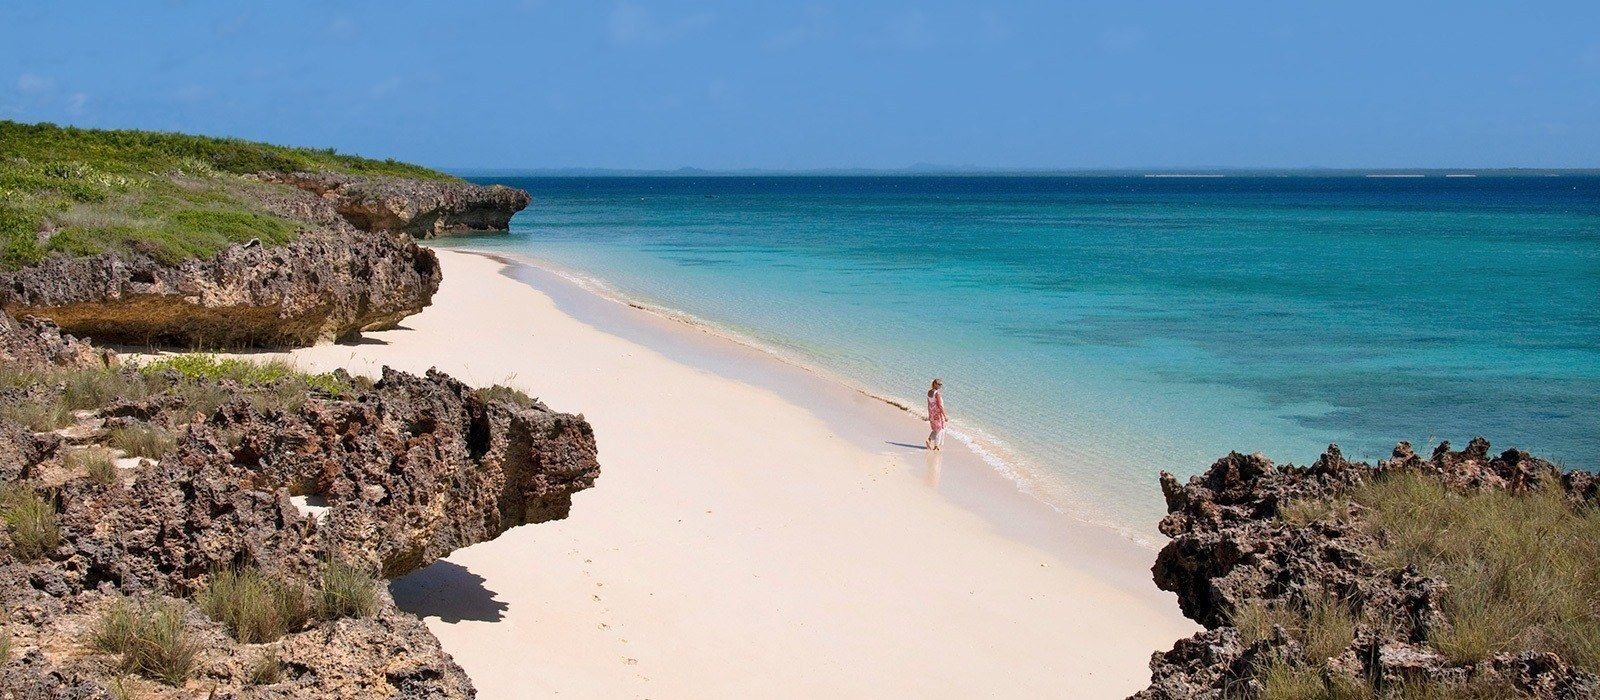 Mozambique Tours & Trips